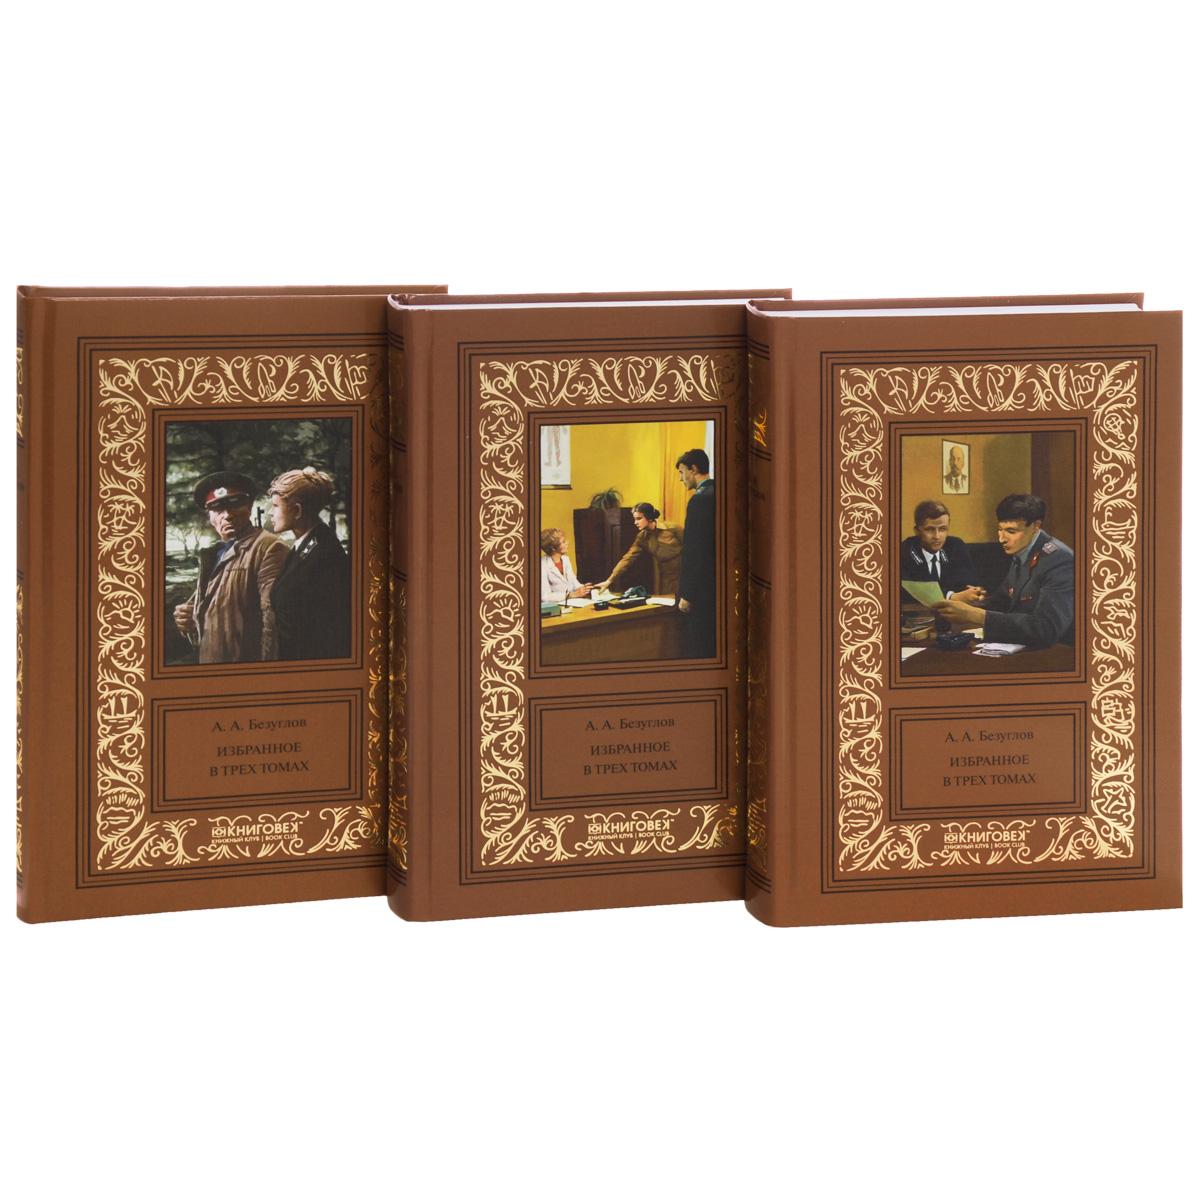 А. А. Безуглов. Избранное. В 3 томах. (комплект из 3 книг)